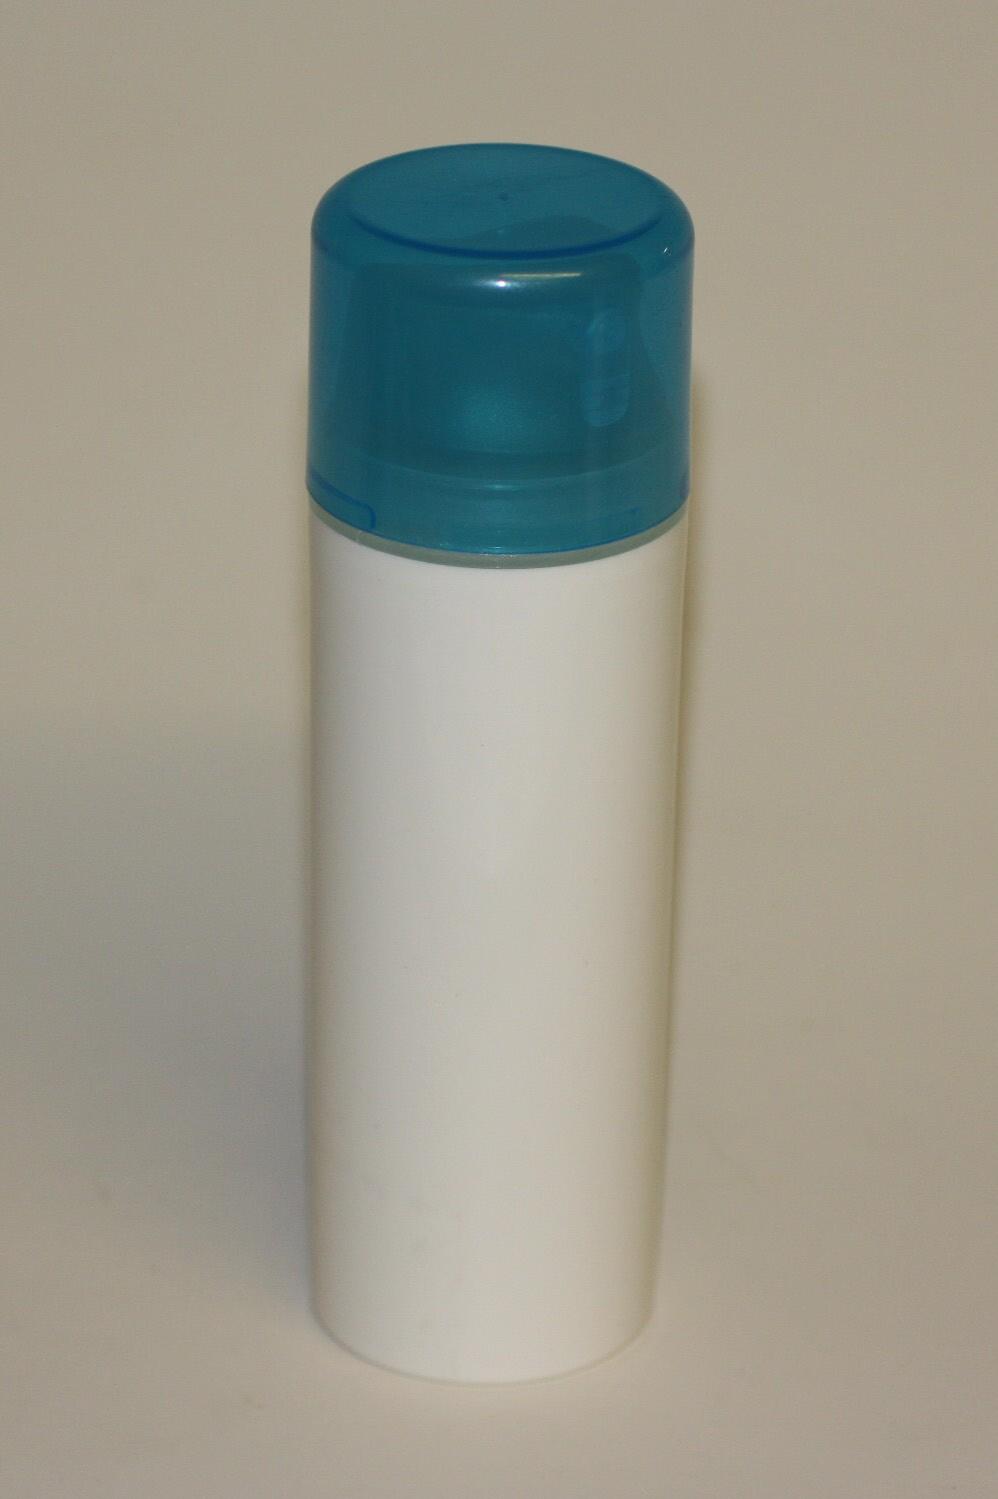 150ml BODY FOR AIRLESS DISPENSER WHITE 48mm